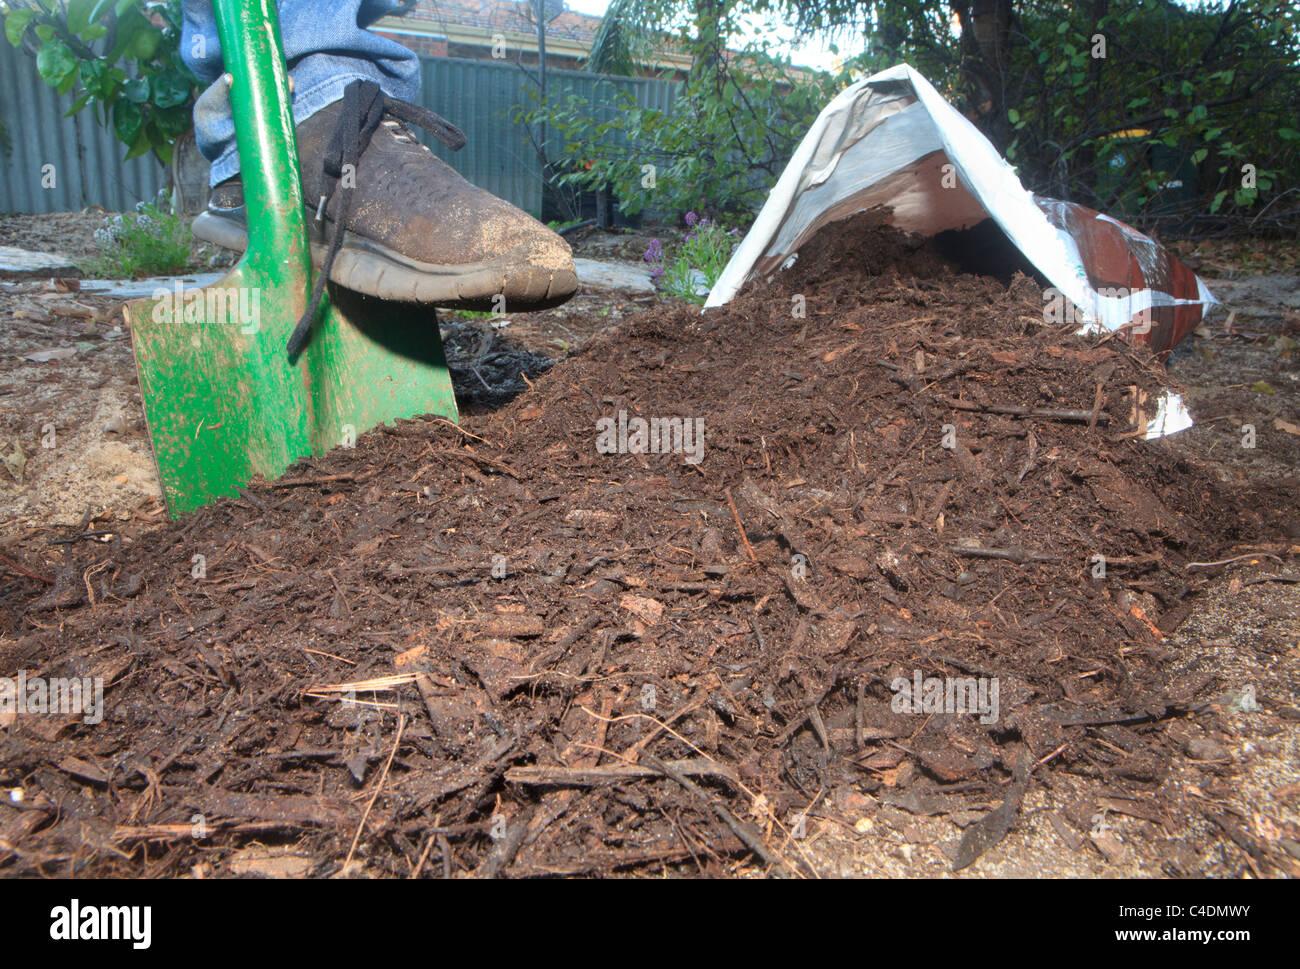 Paillis d'écorce de bois et versé d'un sac sur le jardin Photo Stock